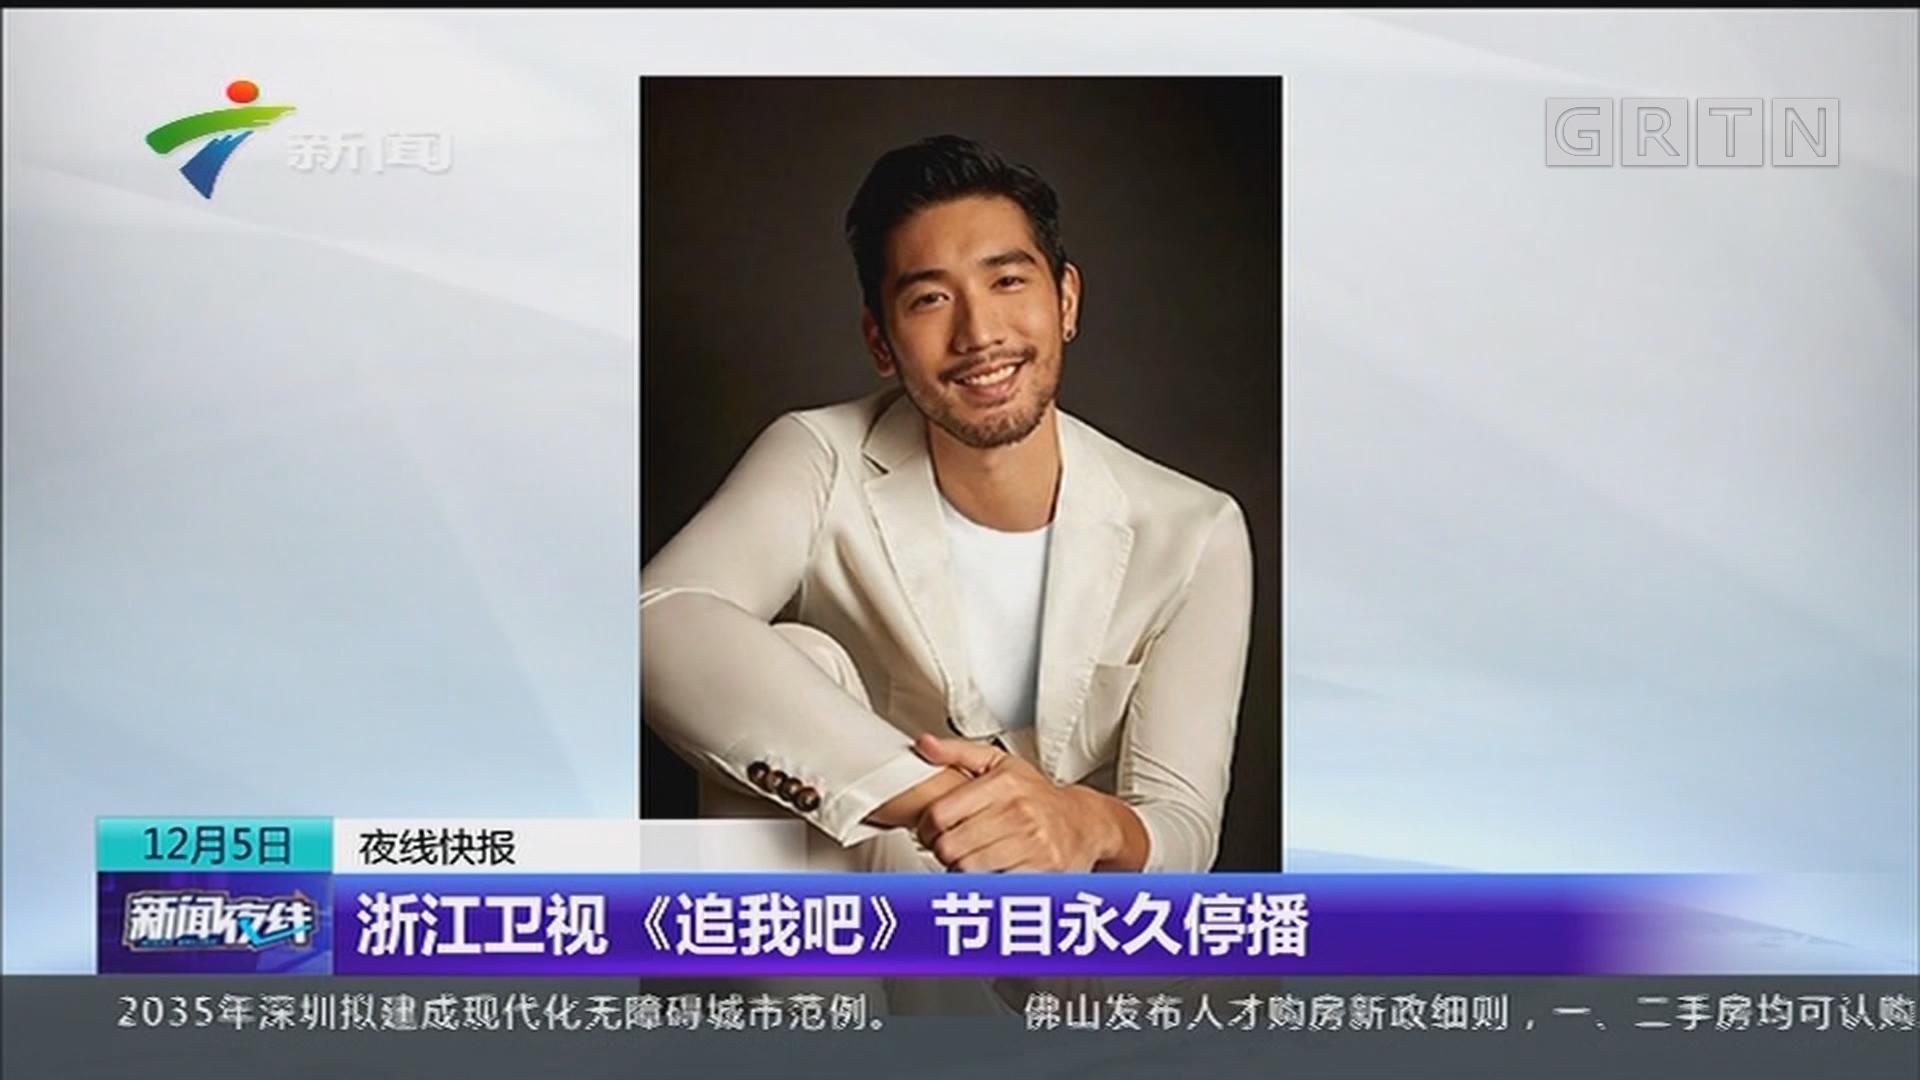 浙江卫视《追我吧》节目永久停播